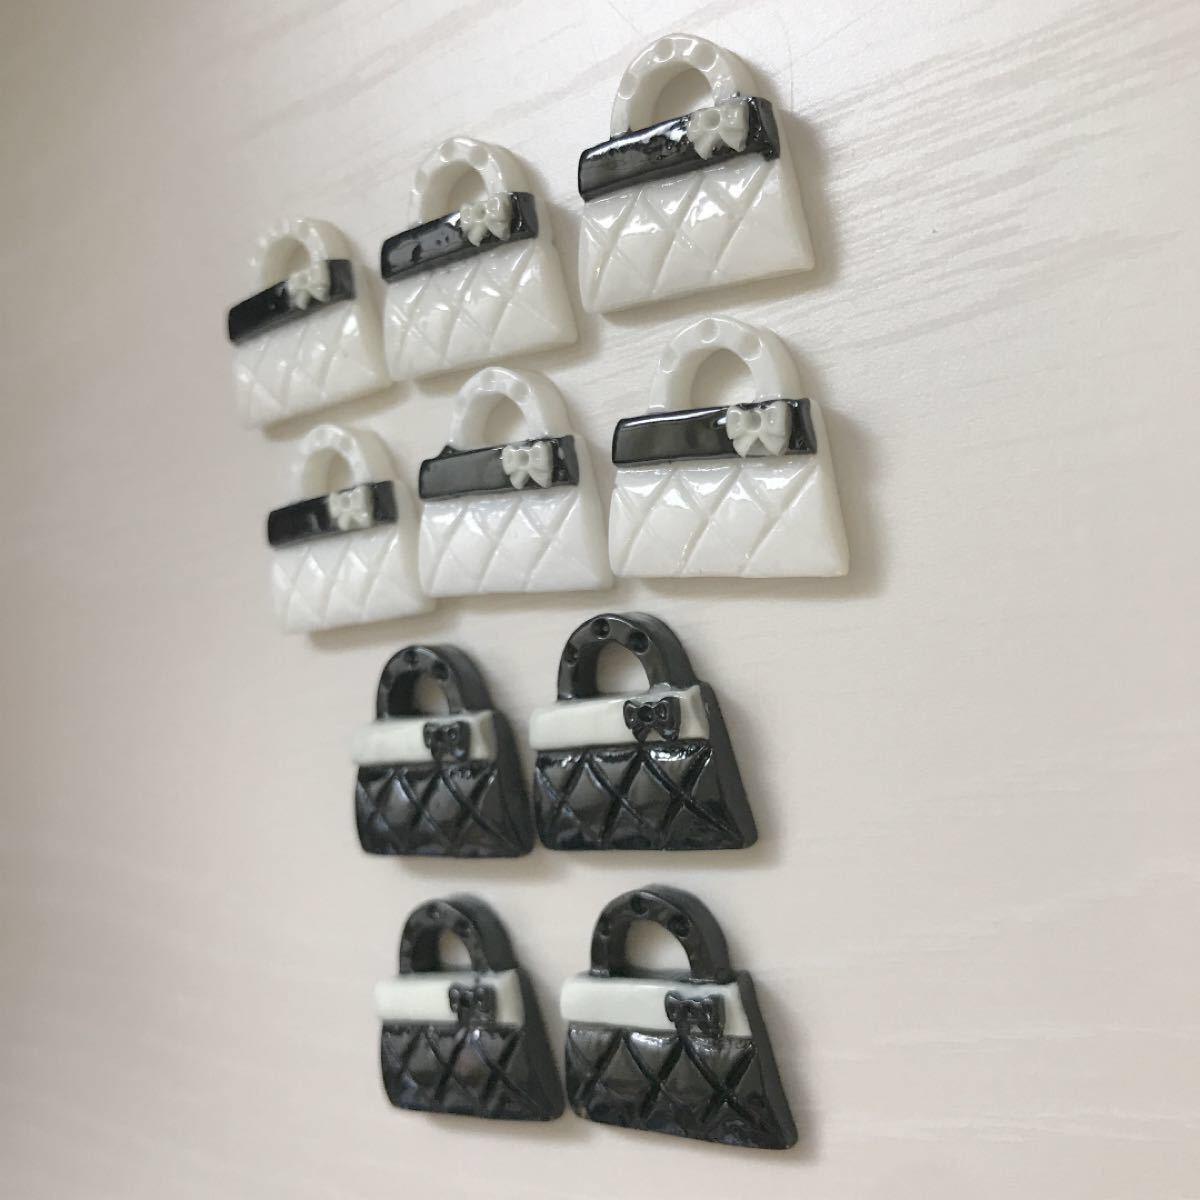 ハンドメイド パーツ ハンドバッグ10個 白黒